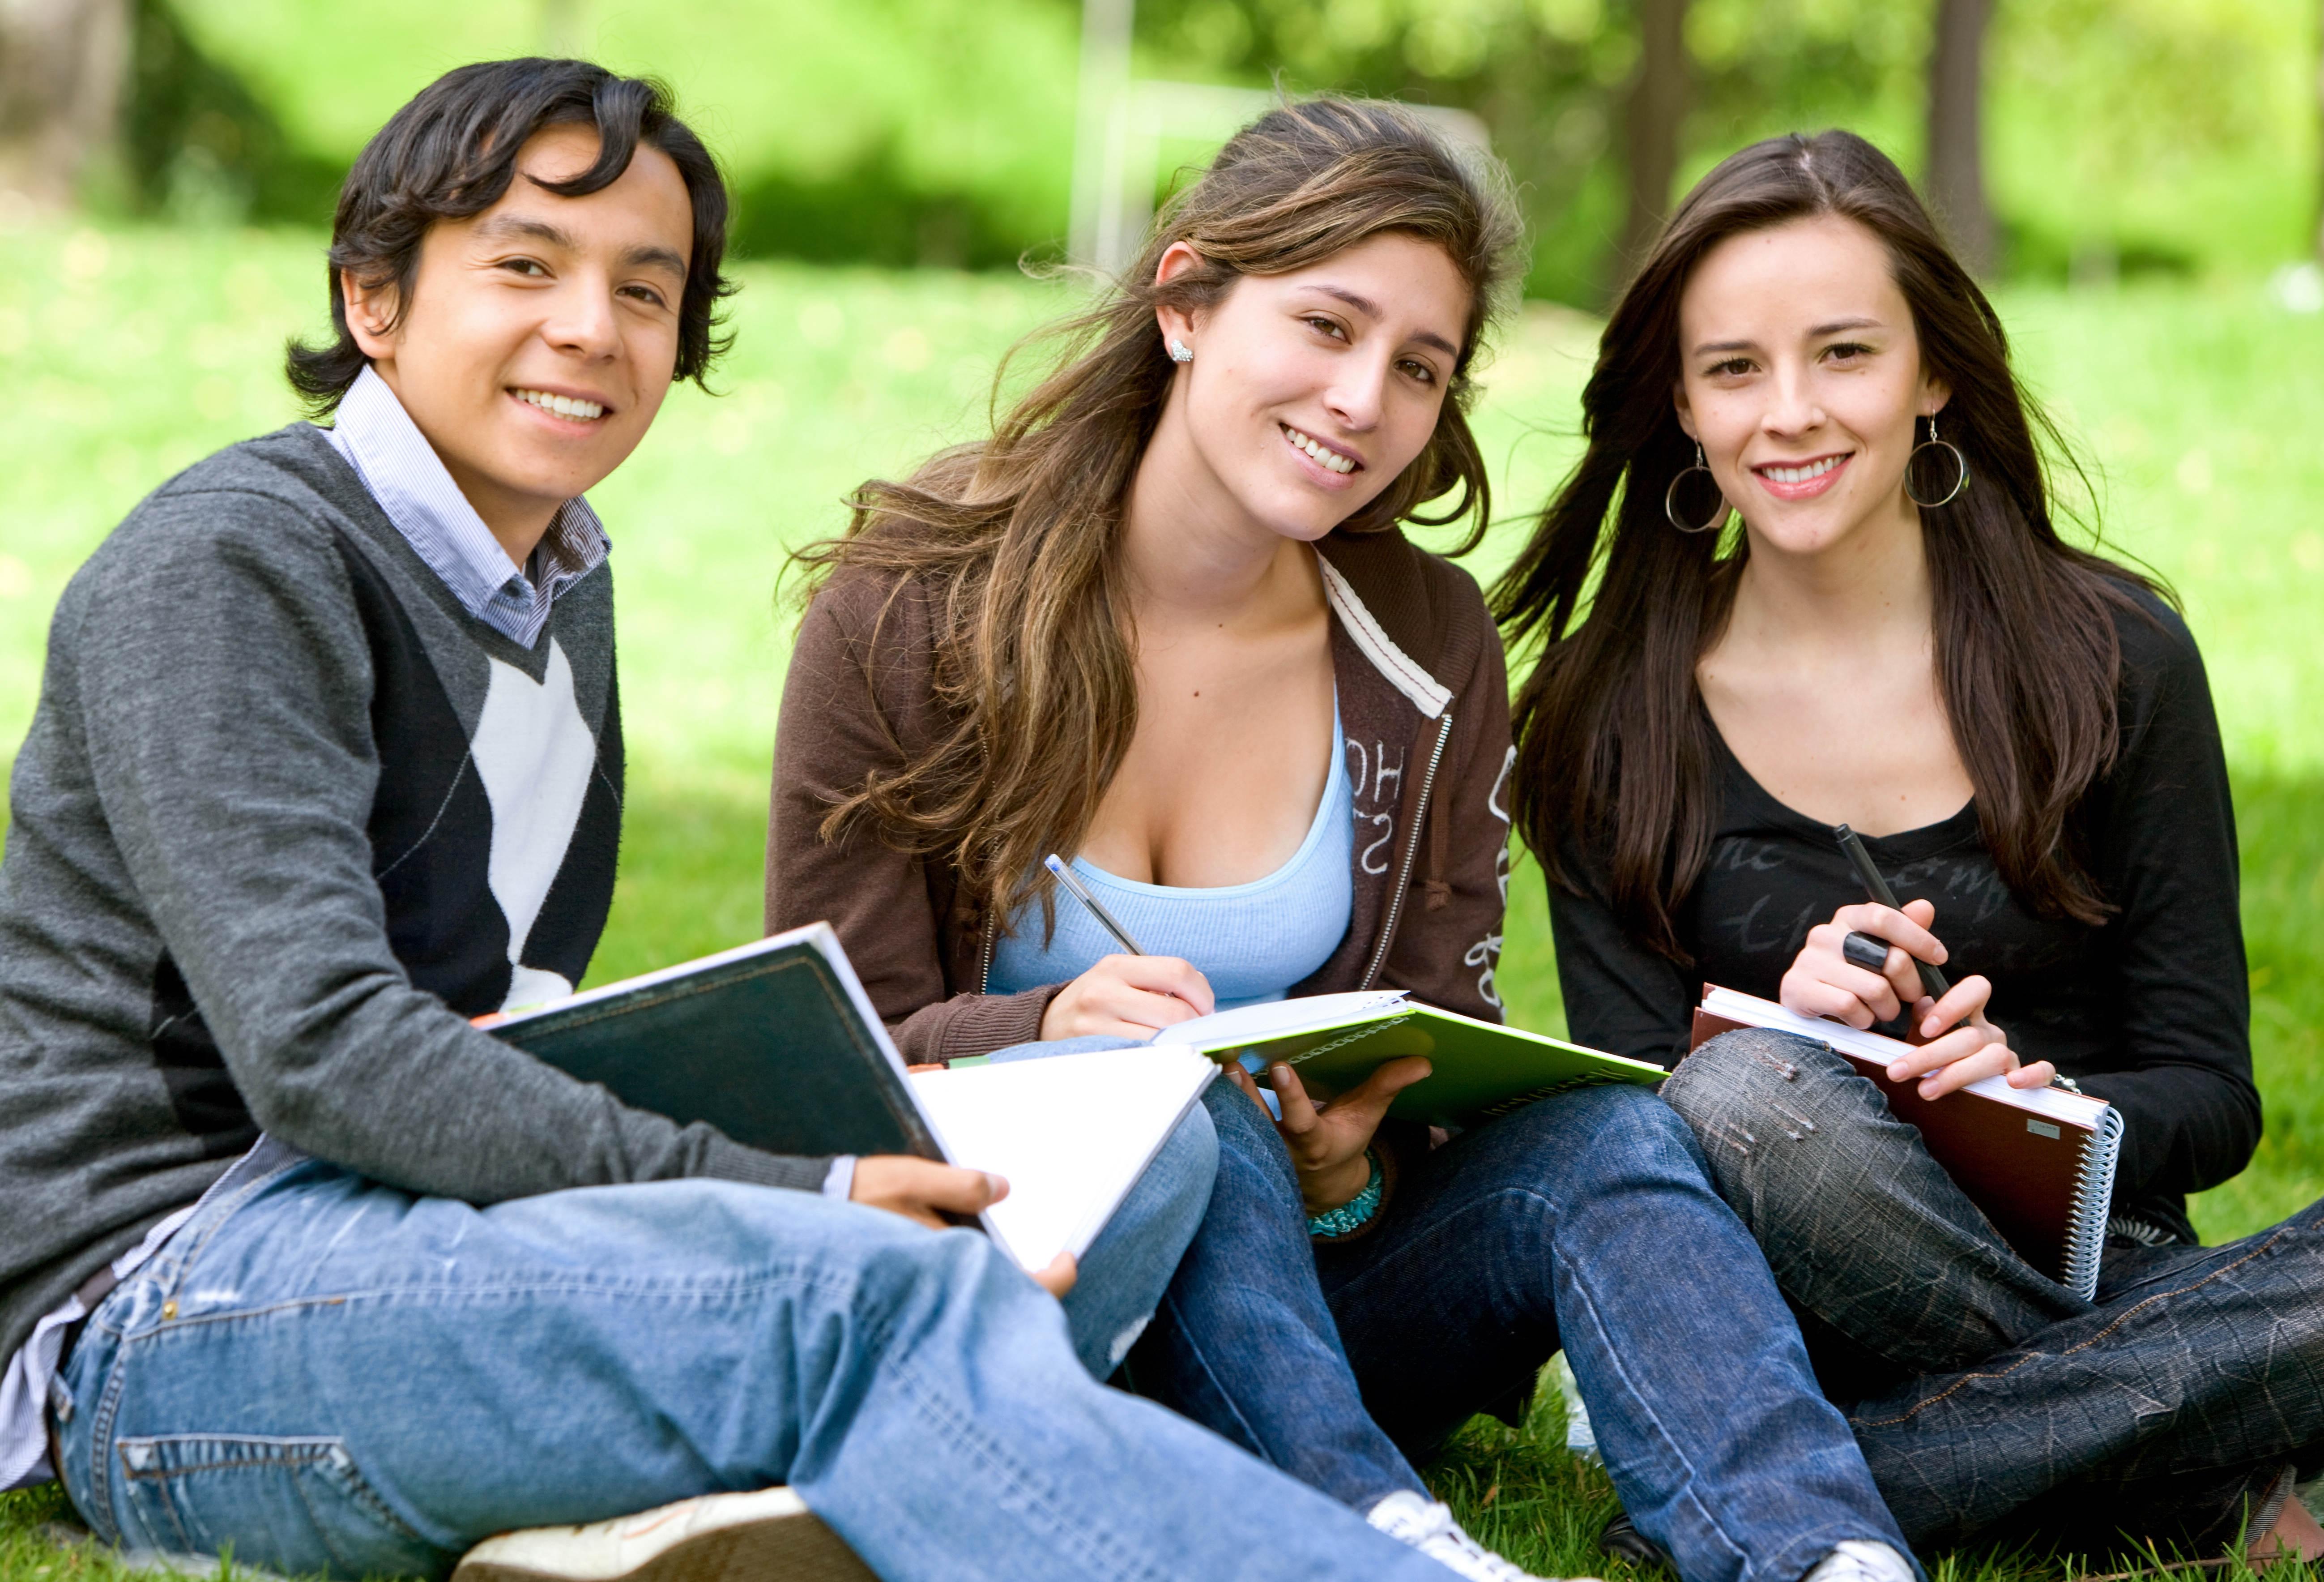 Картинка с людьми на английском